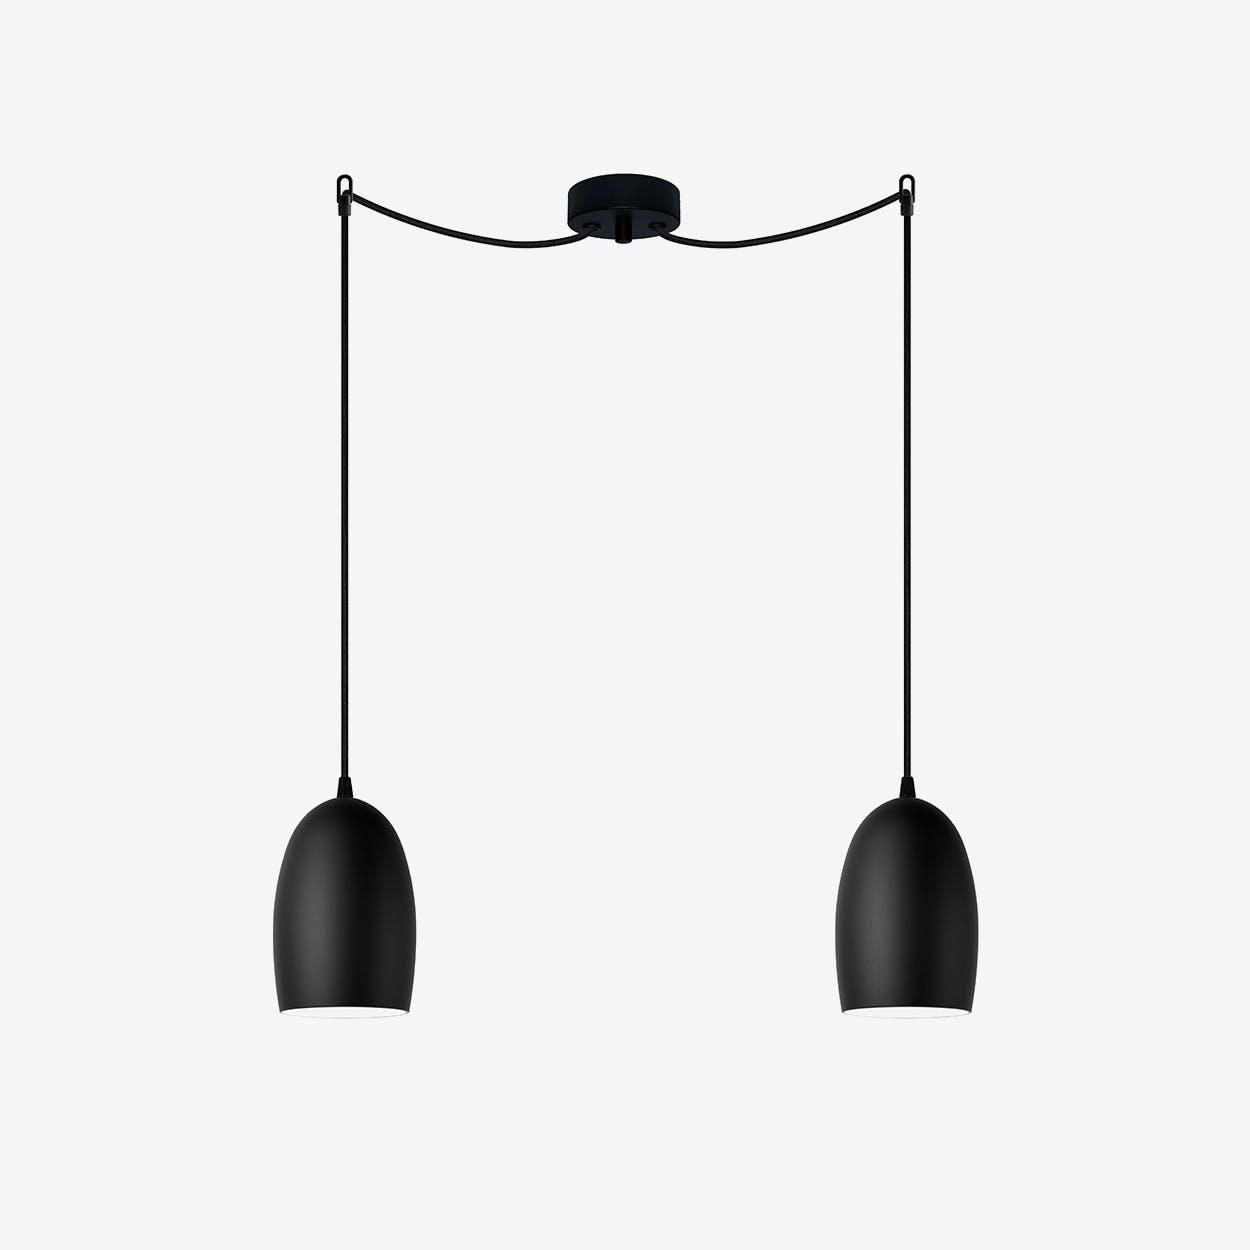 UME Double Pendant Light in Matte Black